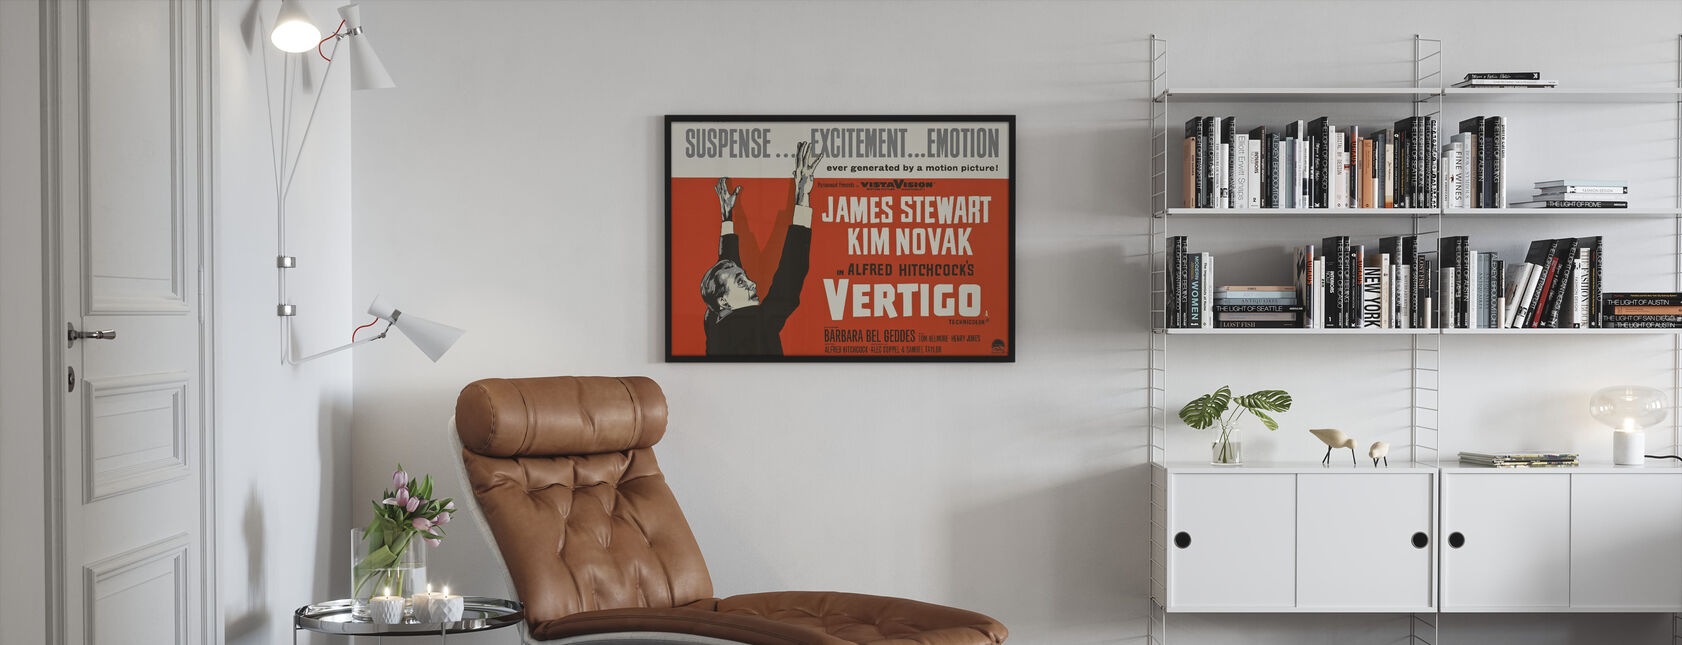 Vertigini - Stampa incorniciata - Salotto